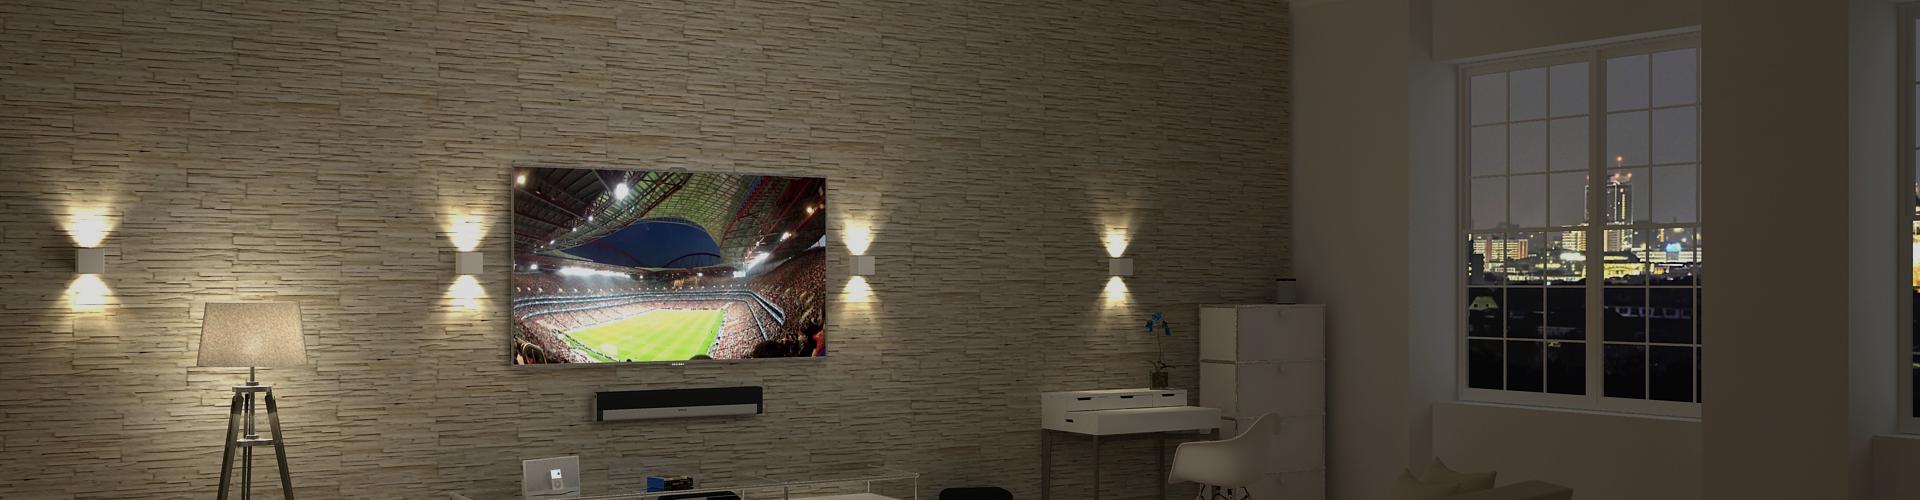 mewall tv und mediaw nde aus m nchen germering. Black Bedroom Furniture Sets. Home Design Ideas